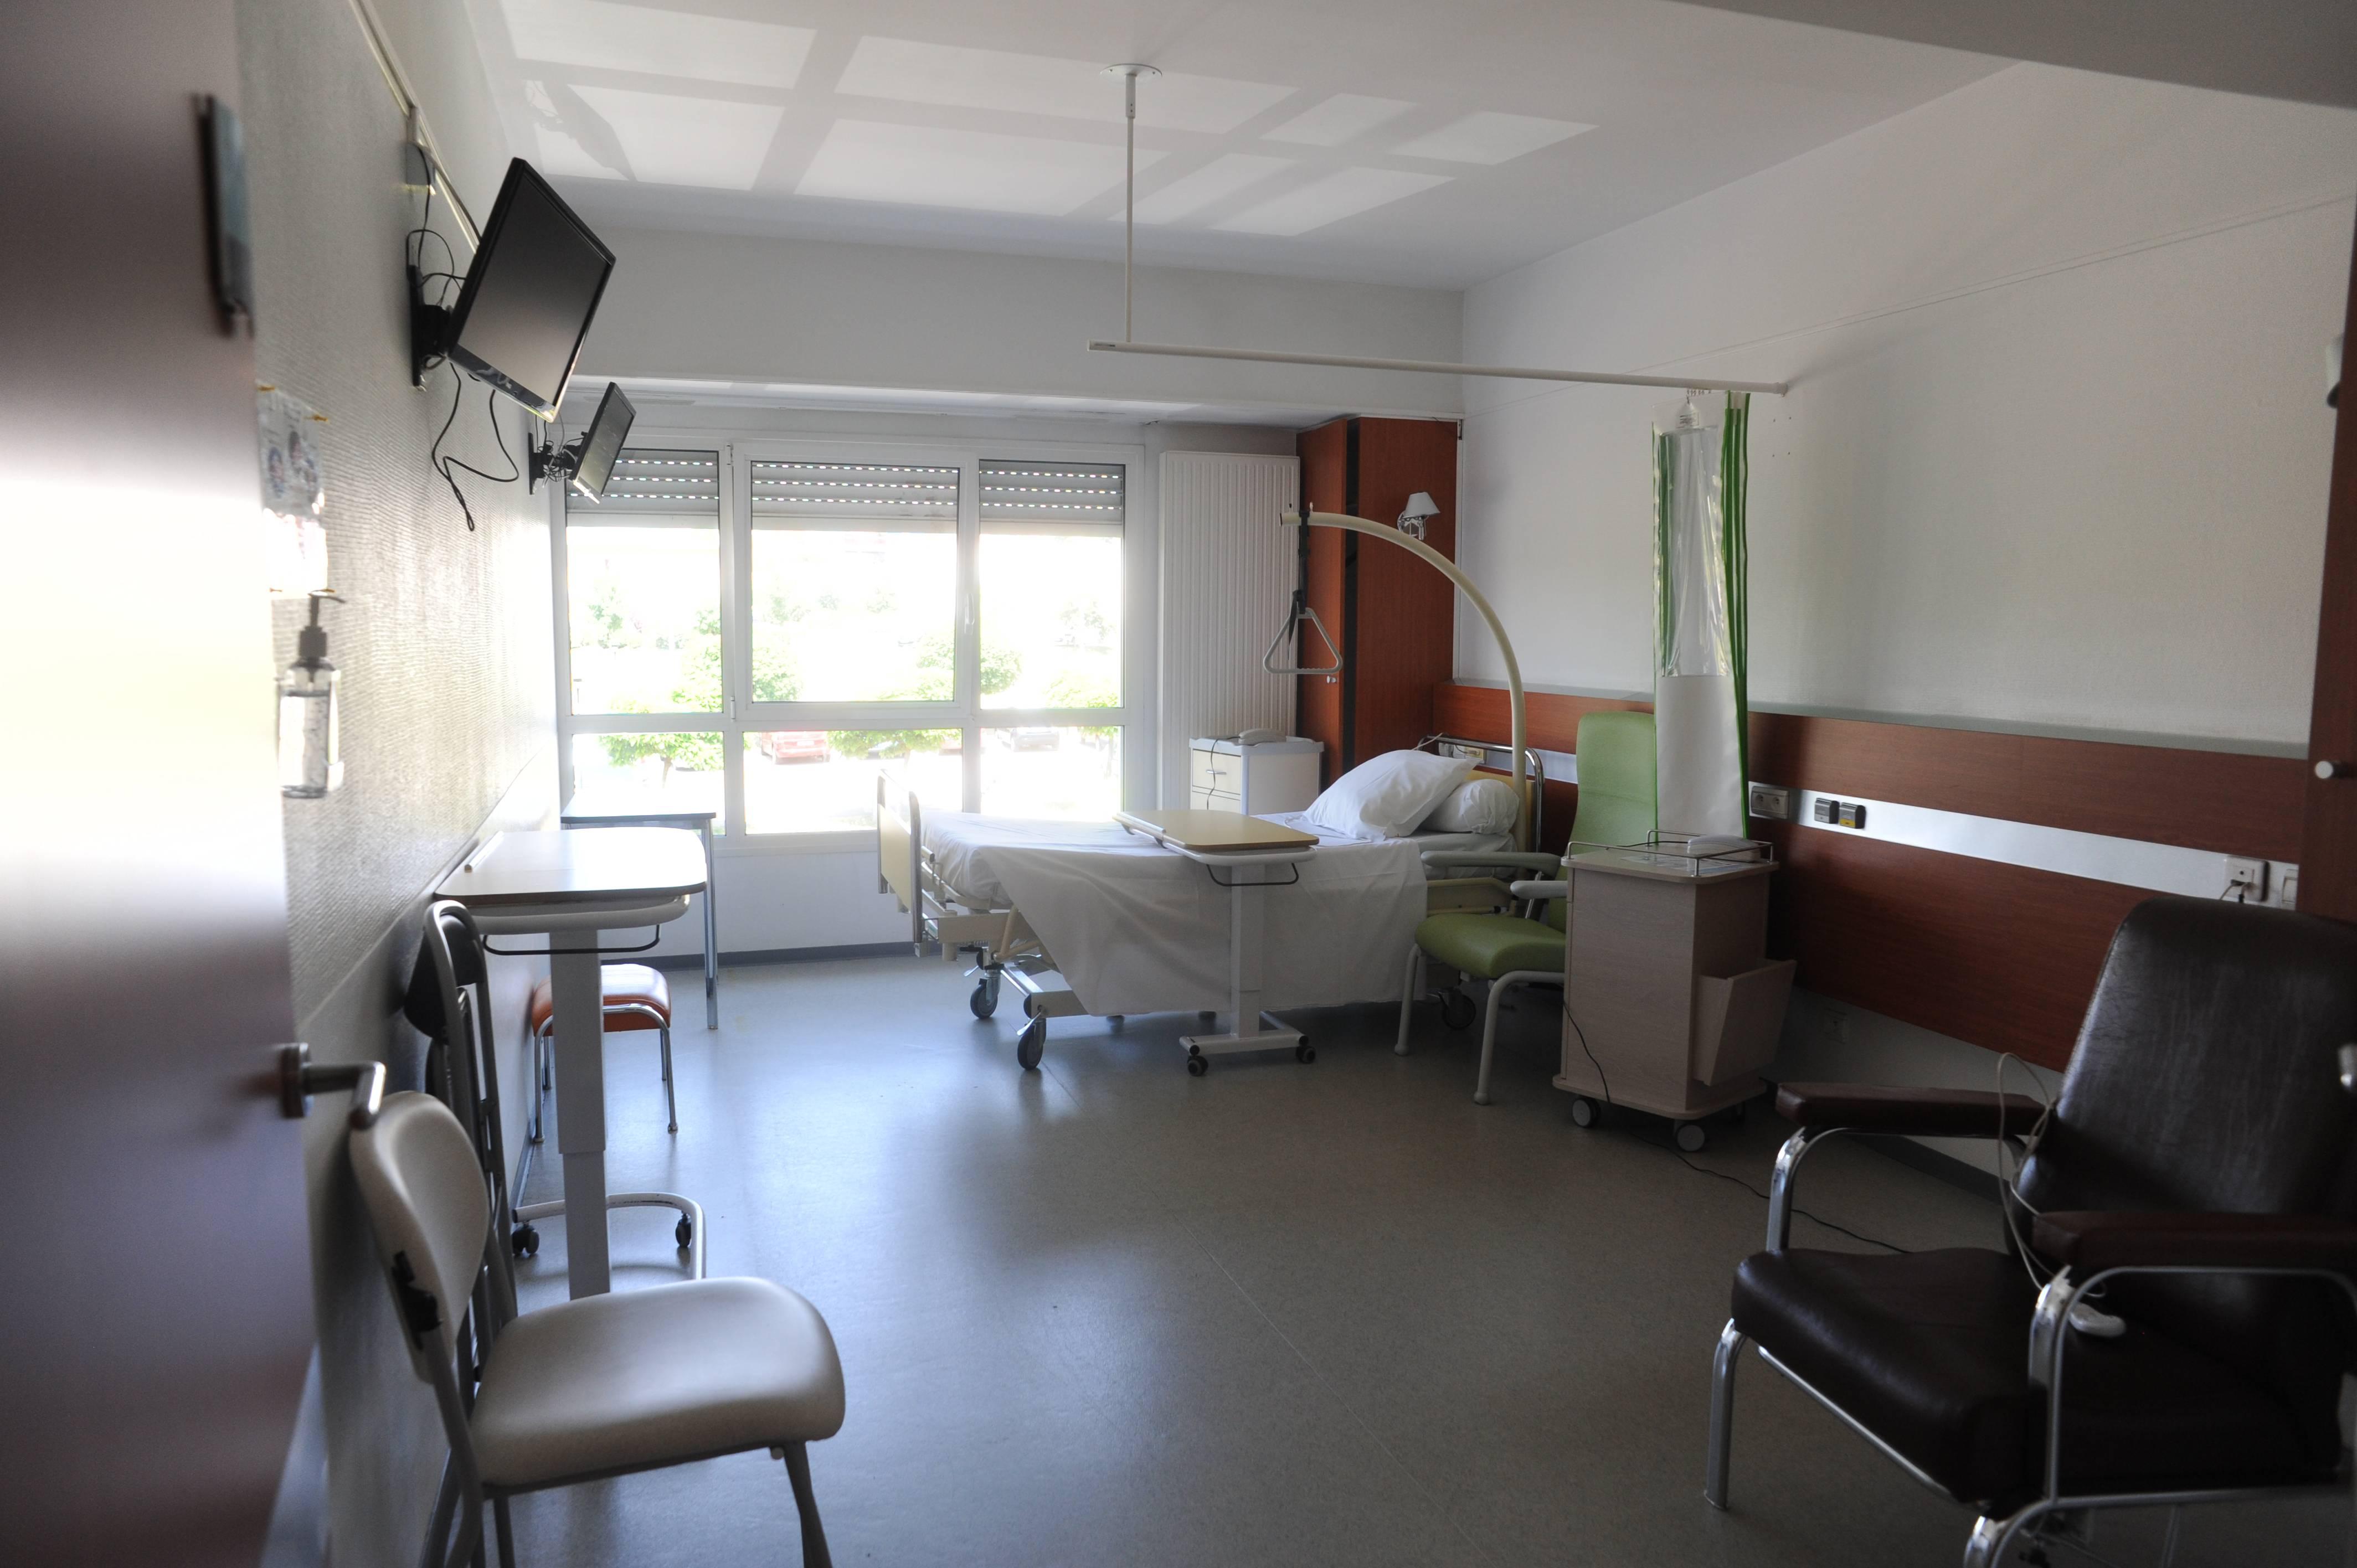 Centre hospitalier paray le monial maisons de retraite - Chambres d hotes paray le monial ...